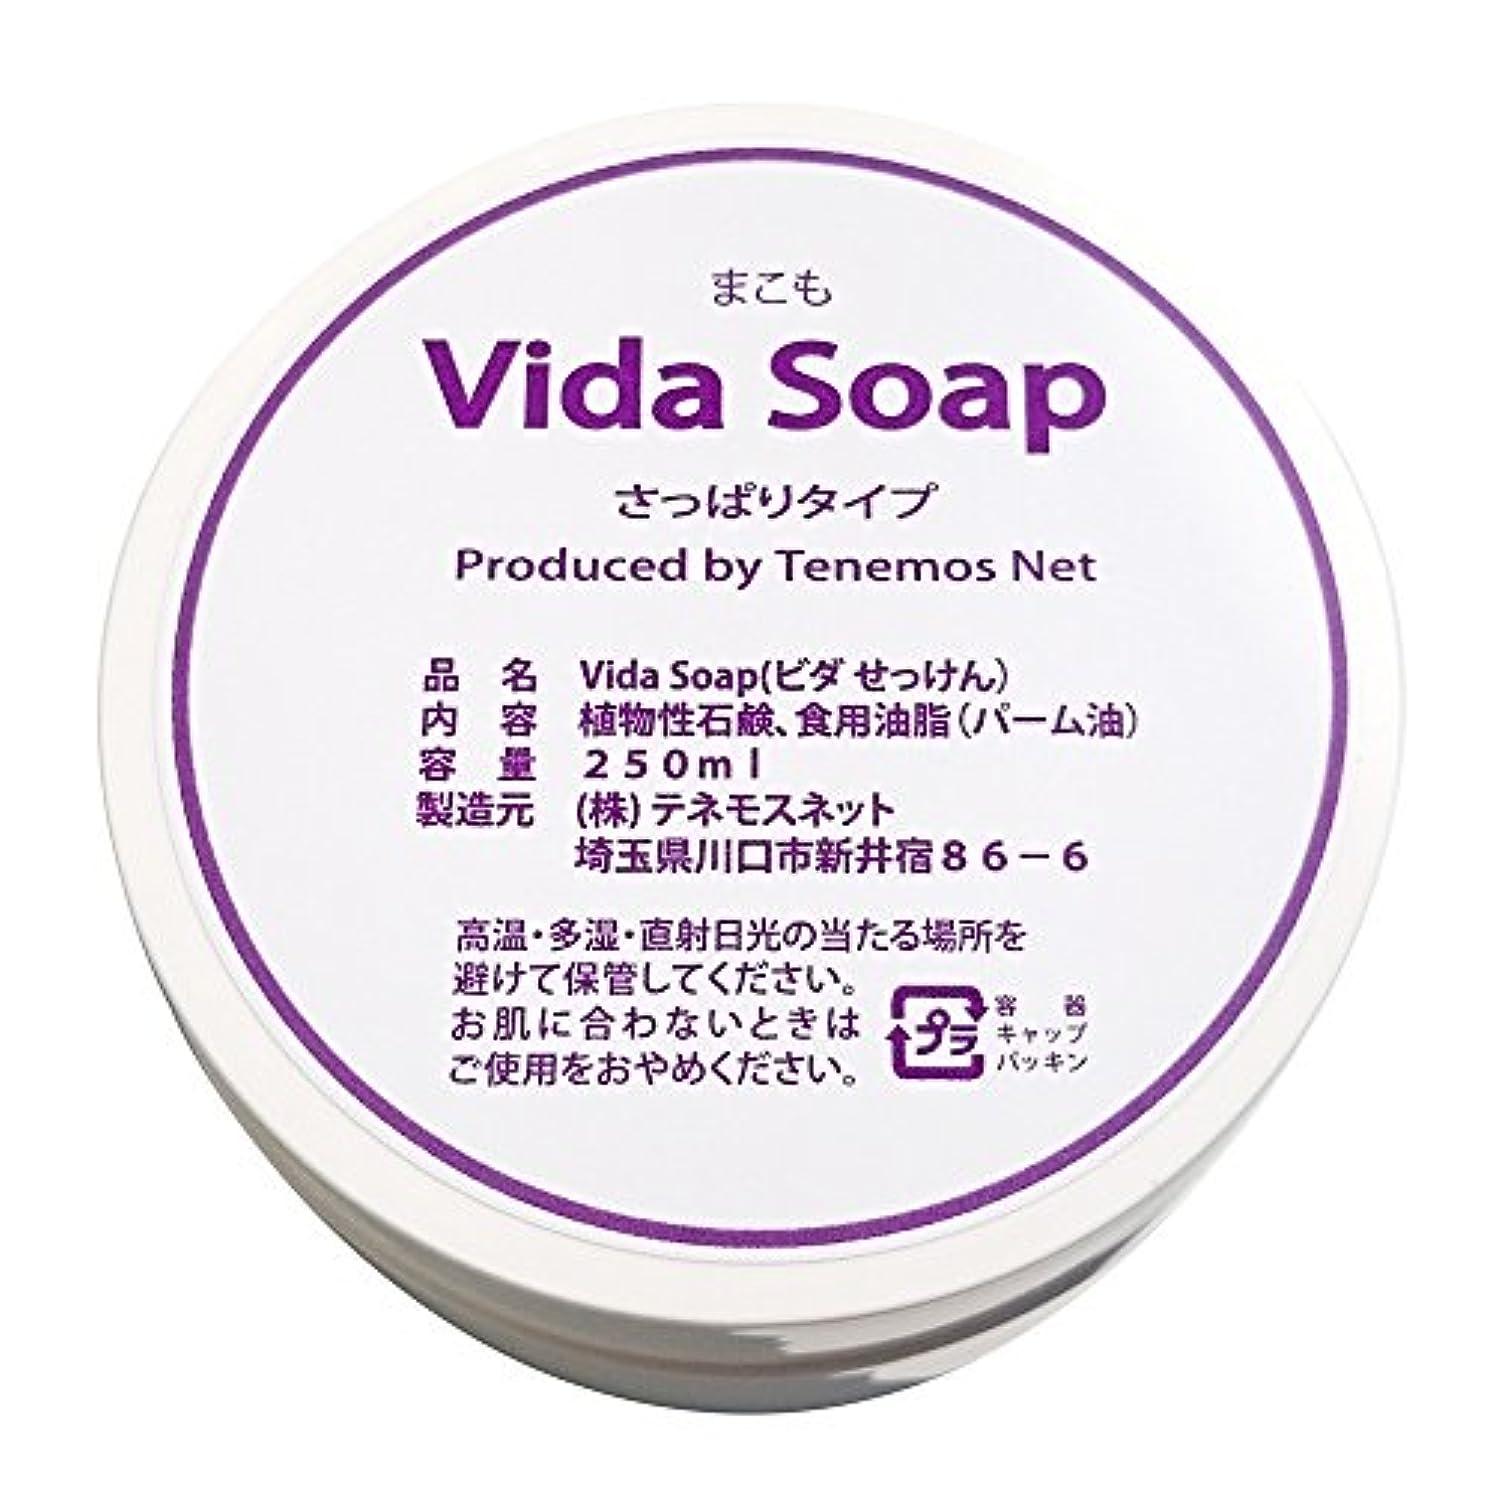 キャリアプレフィックス南アメリカテネモス ビダせっけん Vida Soap さっぱりまこも 植物性 250ml